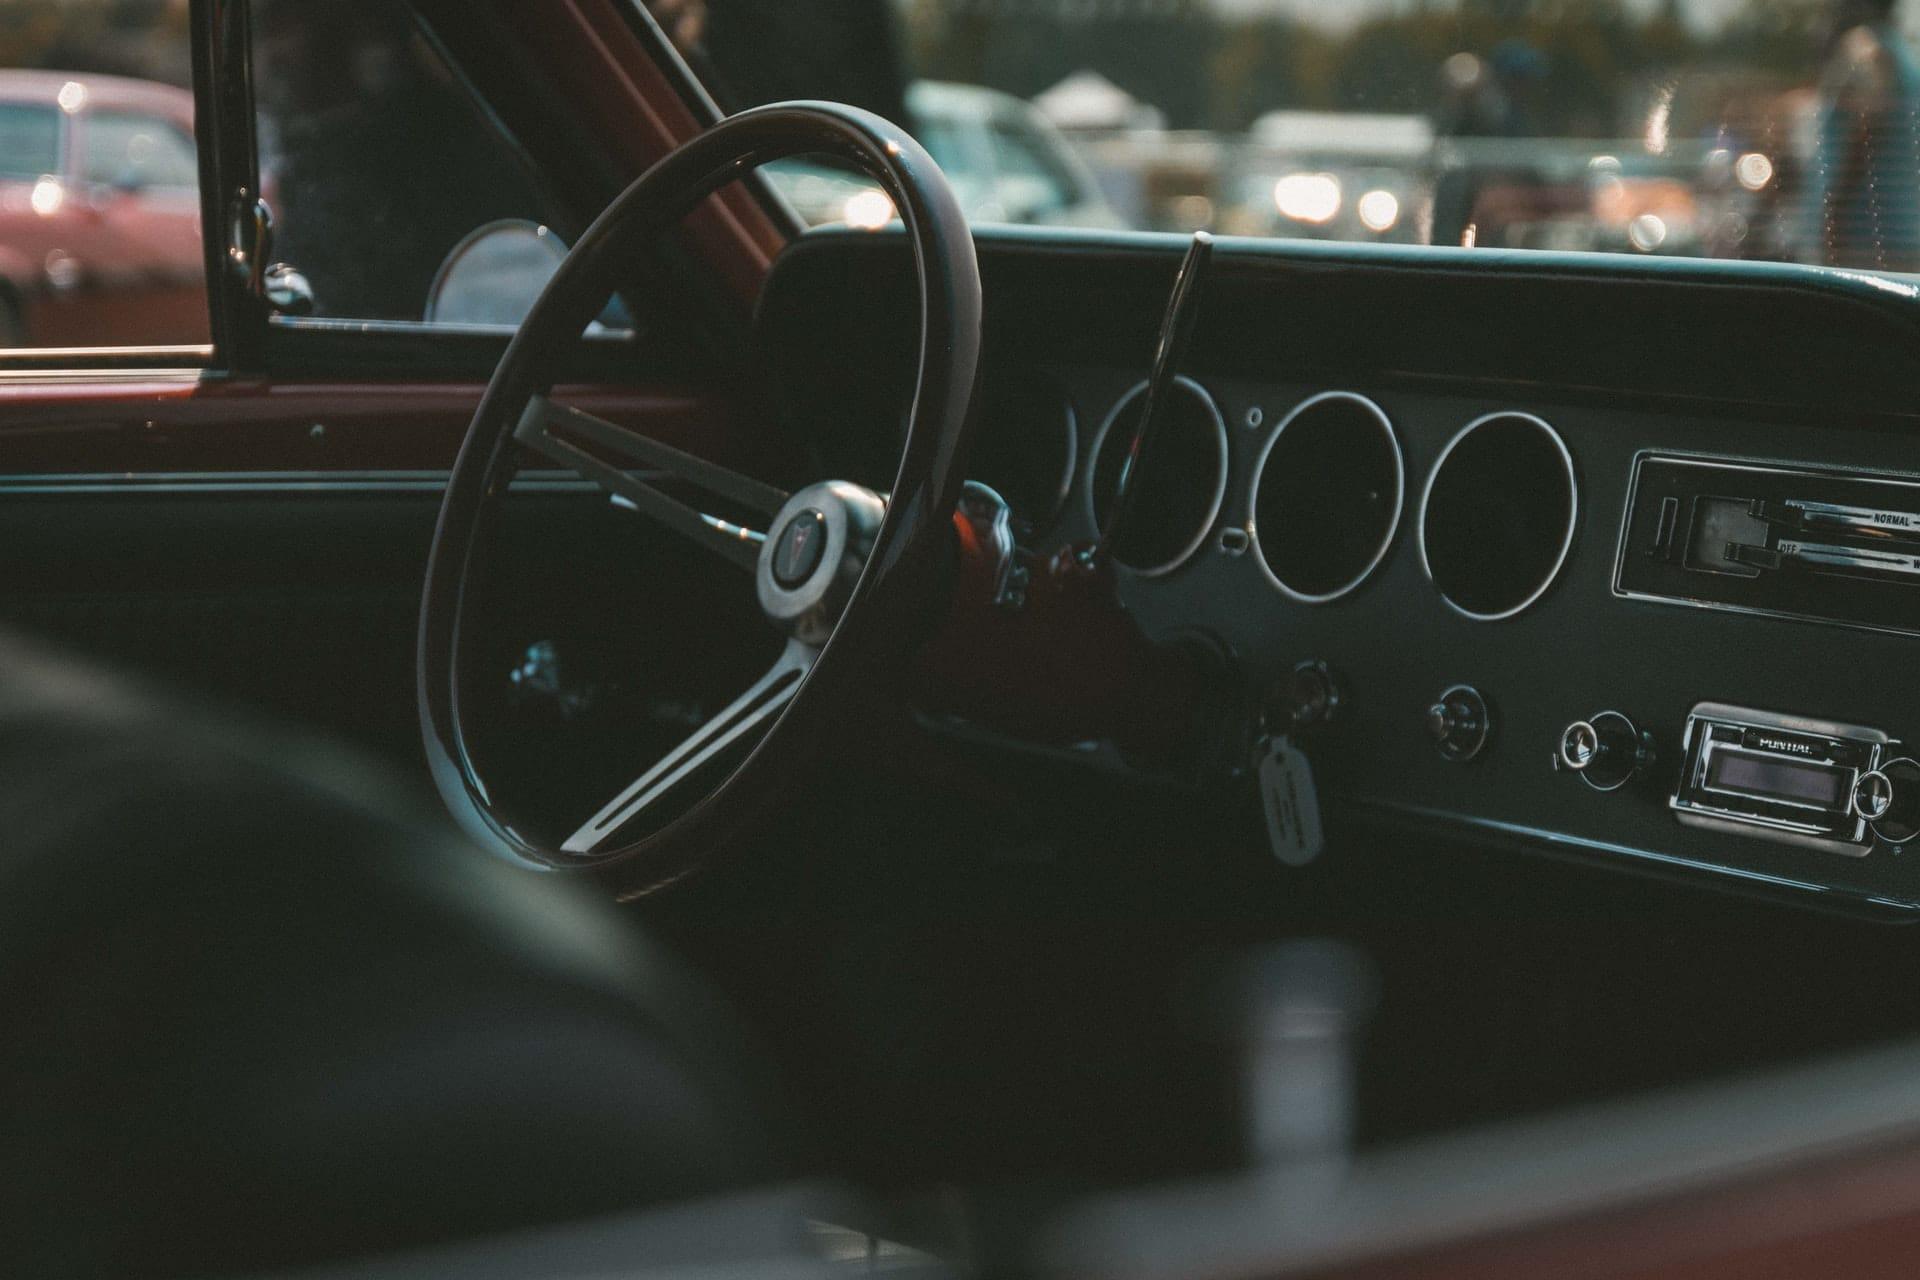 Το εσωτερικό ενός παλιού αυτοκινήτου